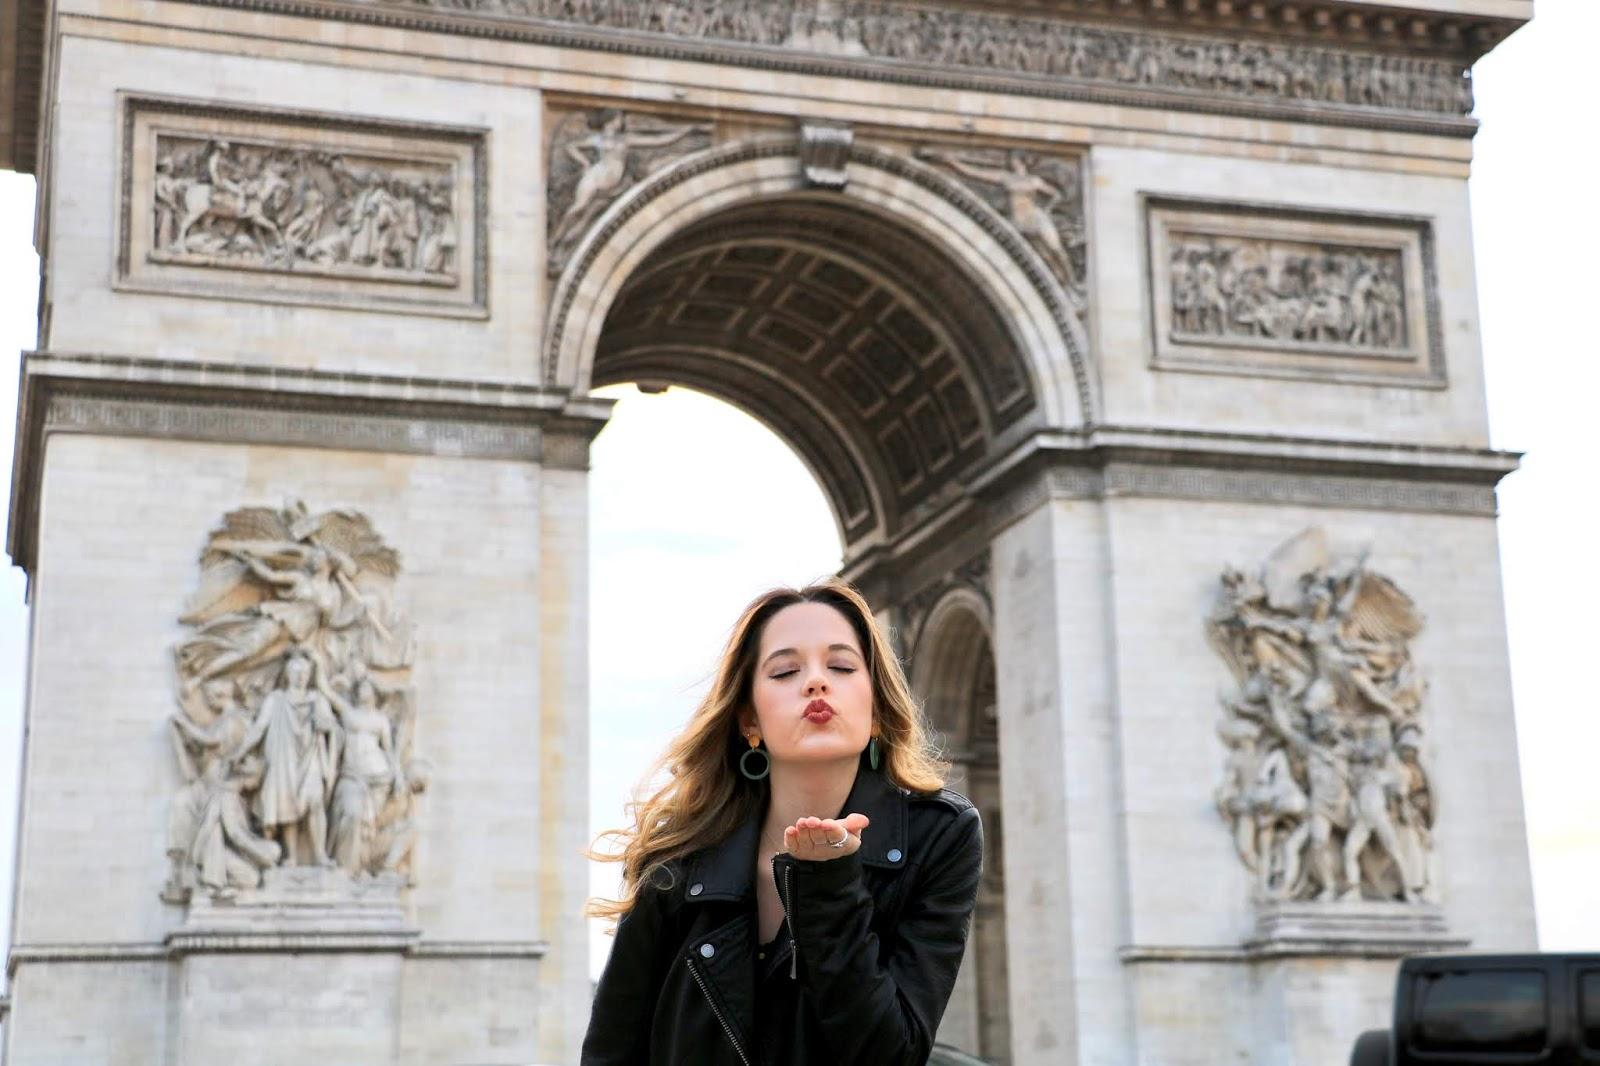 Arc de Triomphe in Paris blogger pics